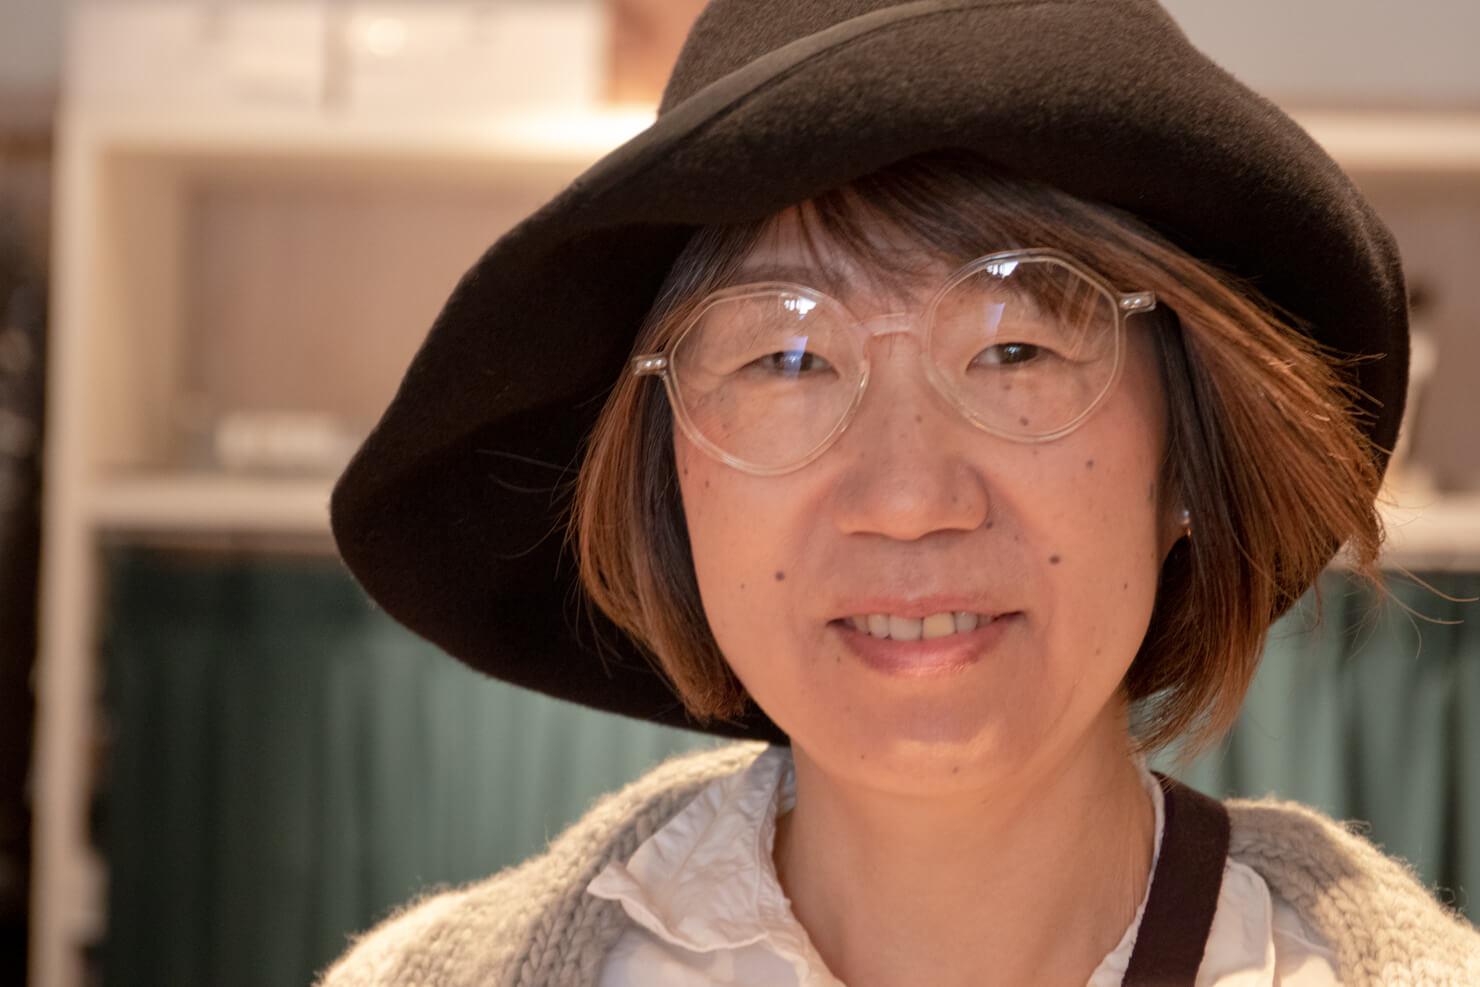 メガネをかけている顔のアップの写真